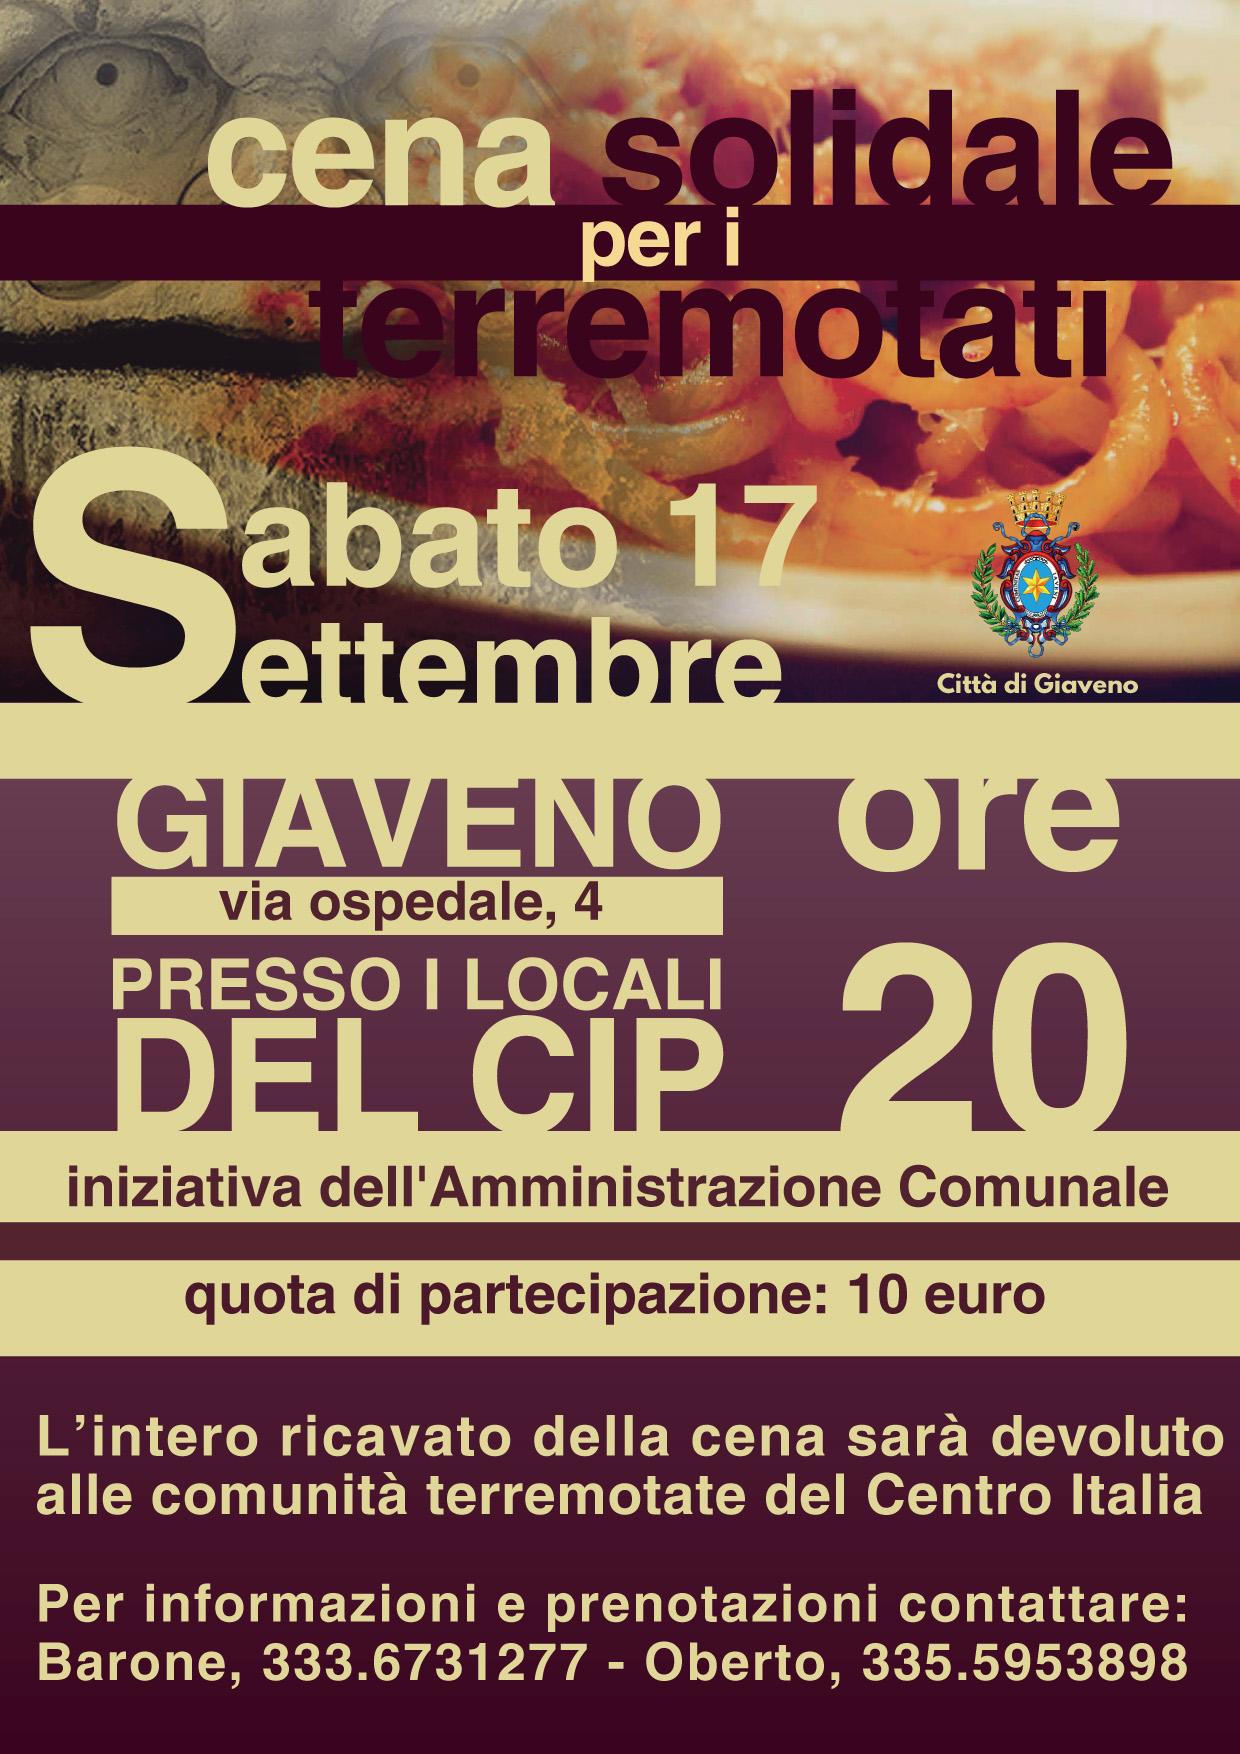 Cena di solidarietà a favore delle comunità terremotate del Centro Italia – Sabato 17 settembre 2016